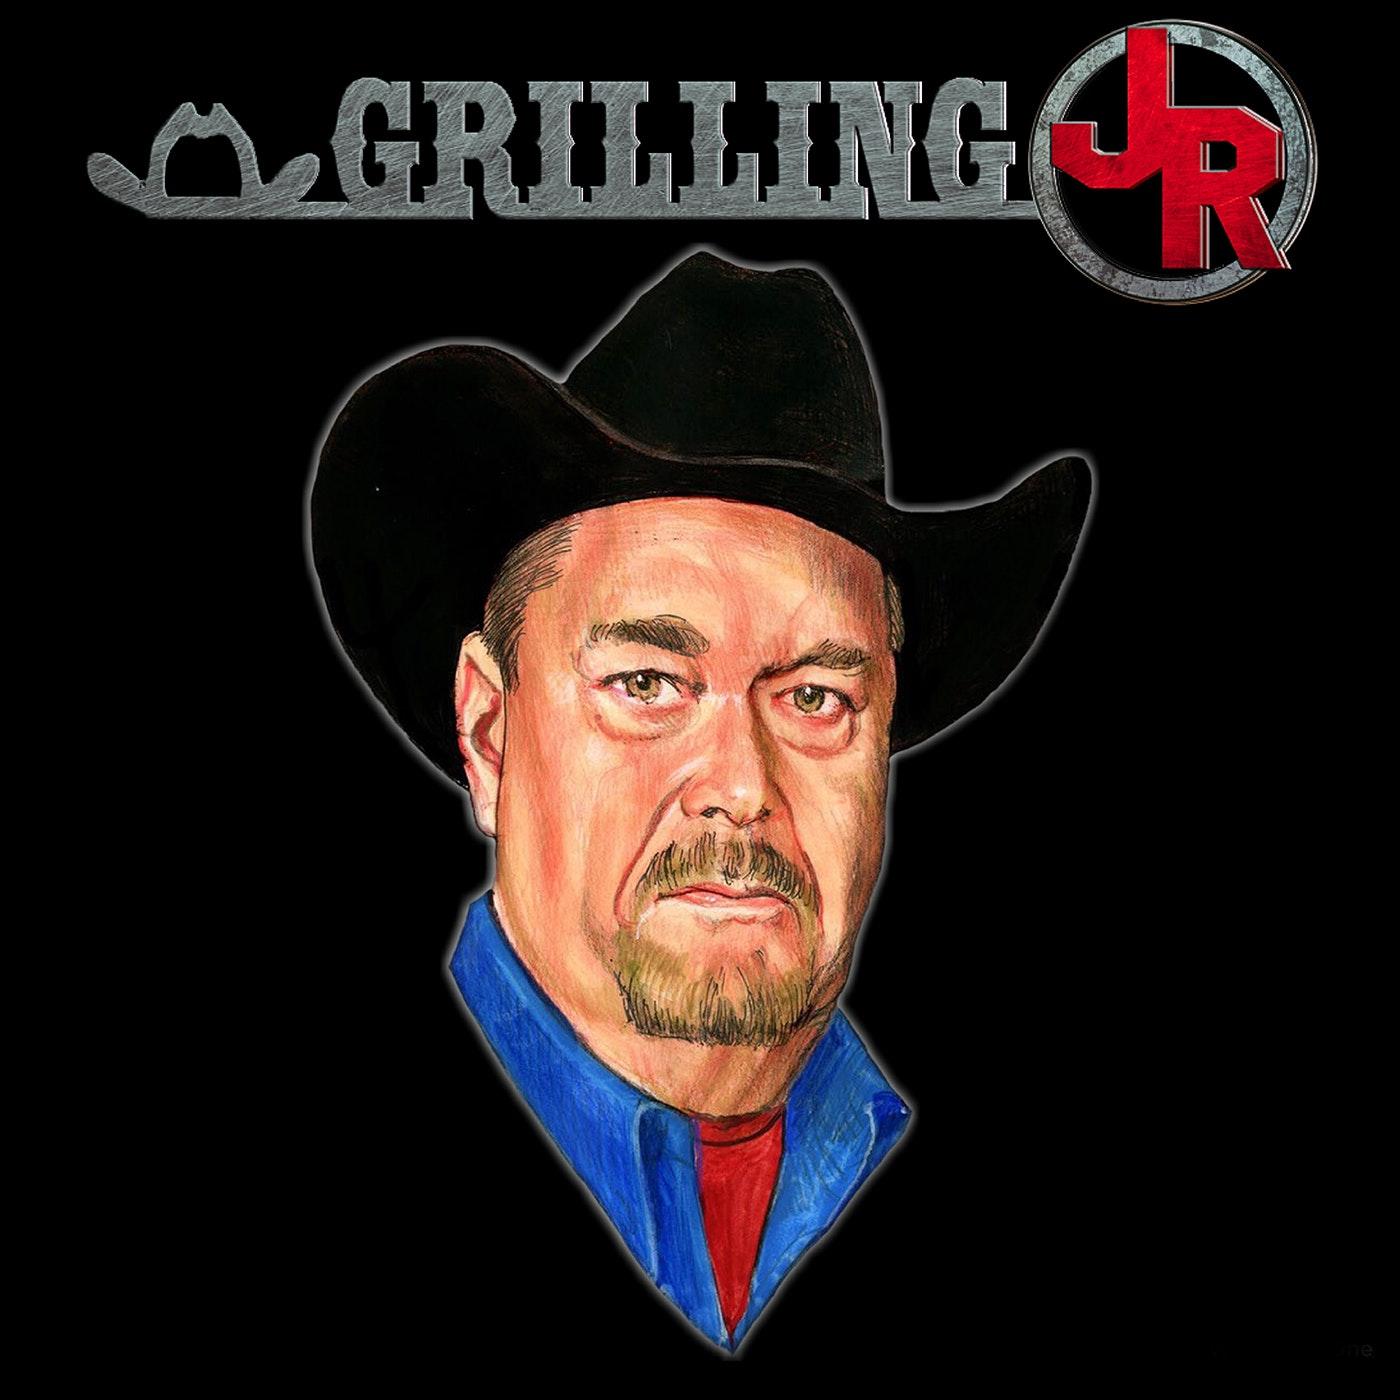 Grilling JR podcast